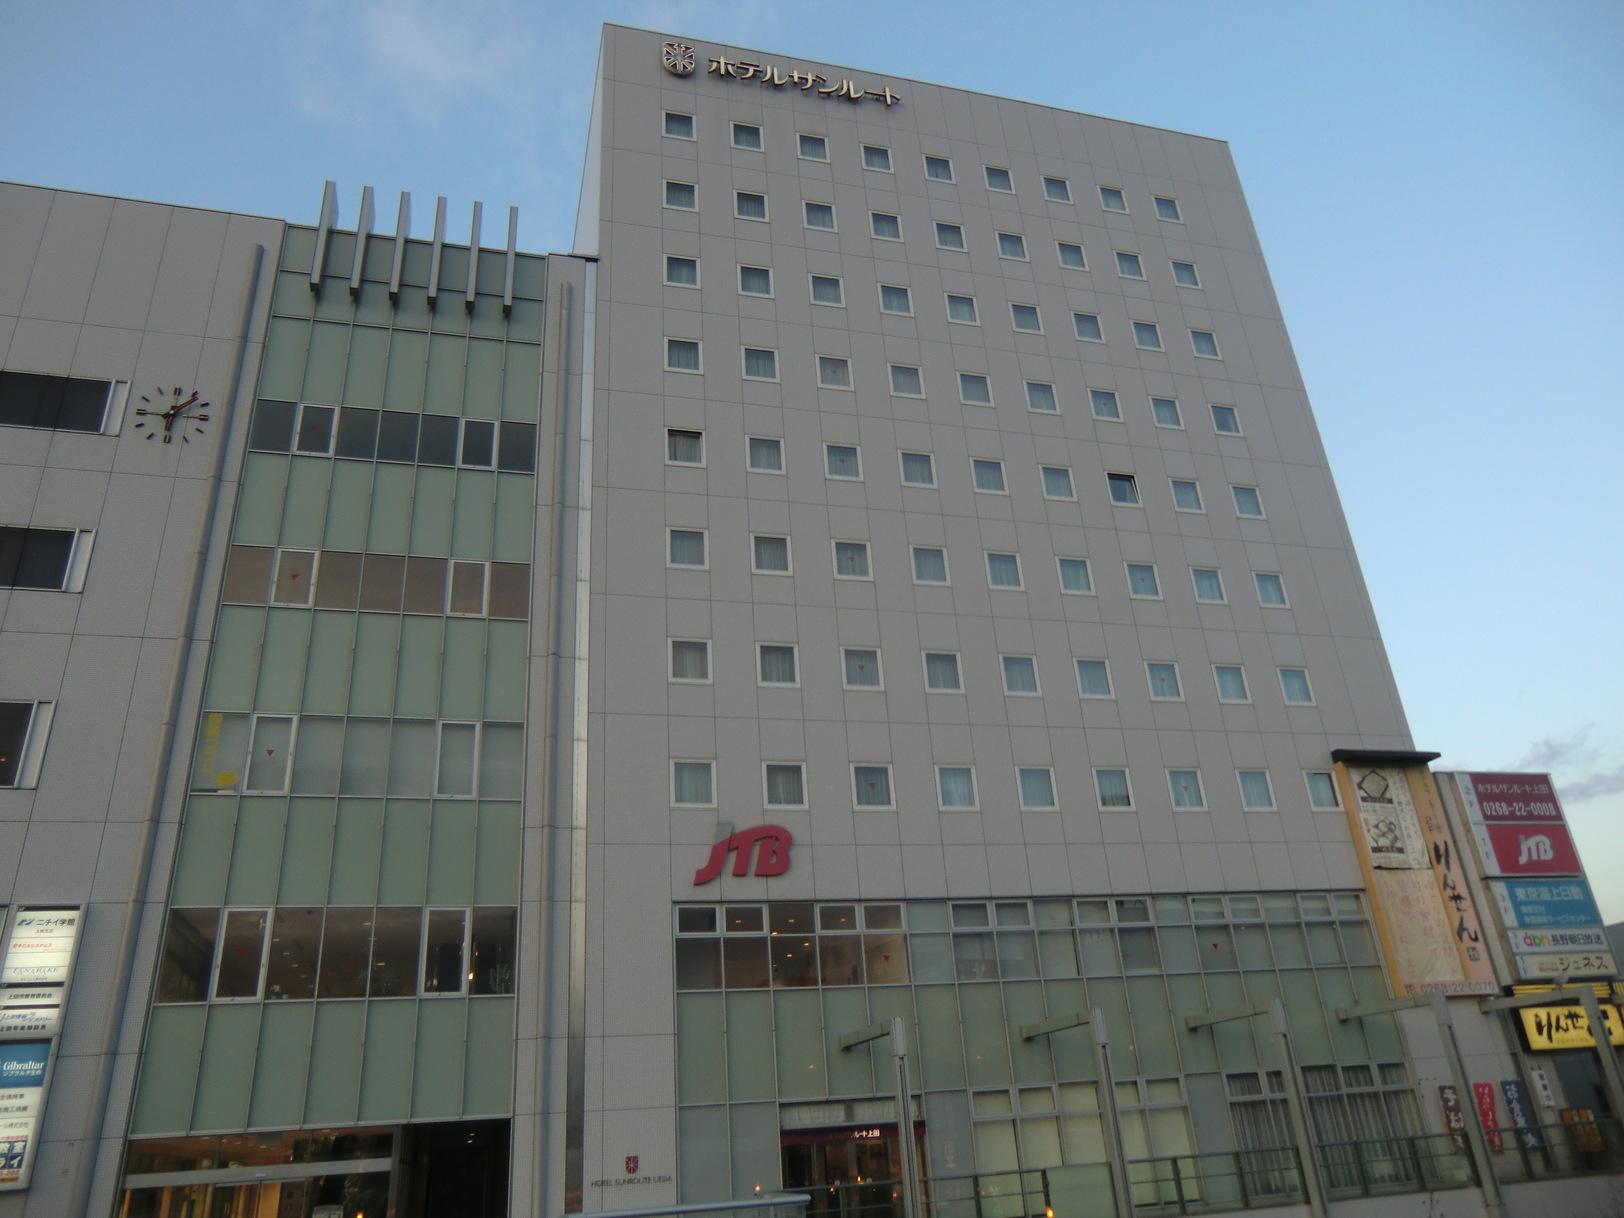 ホテルサンルート 上田